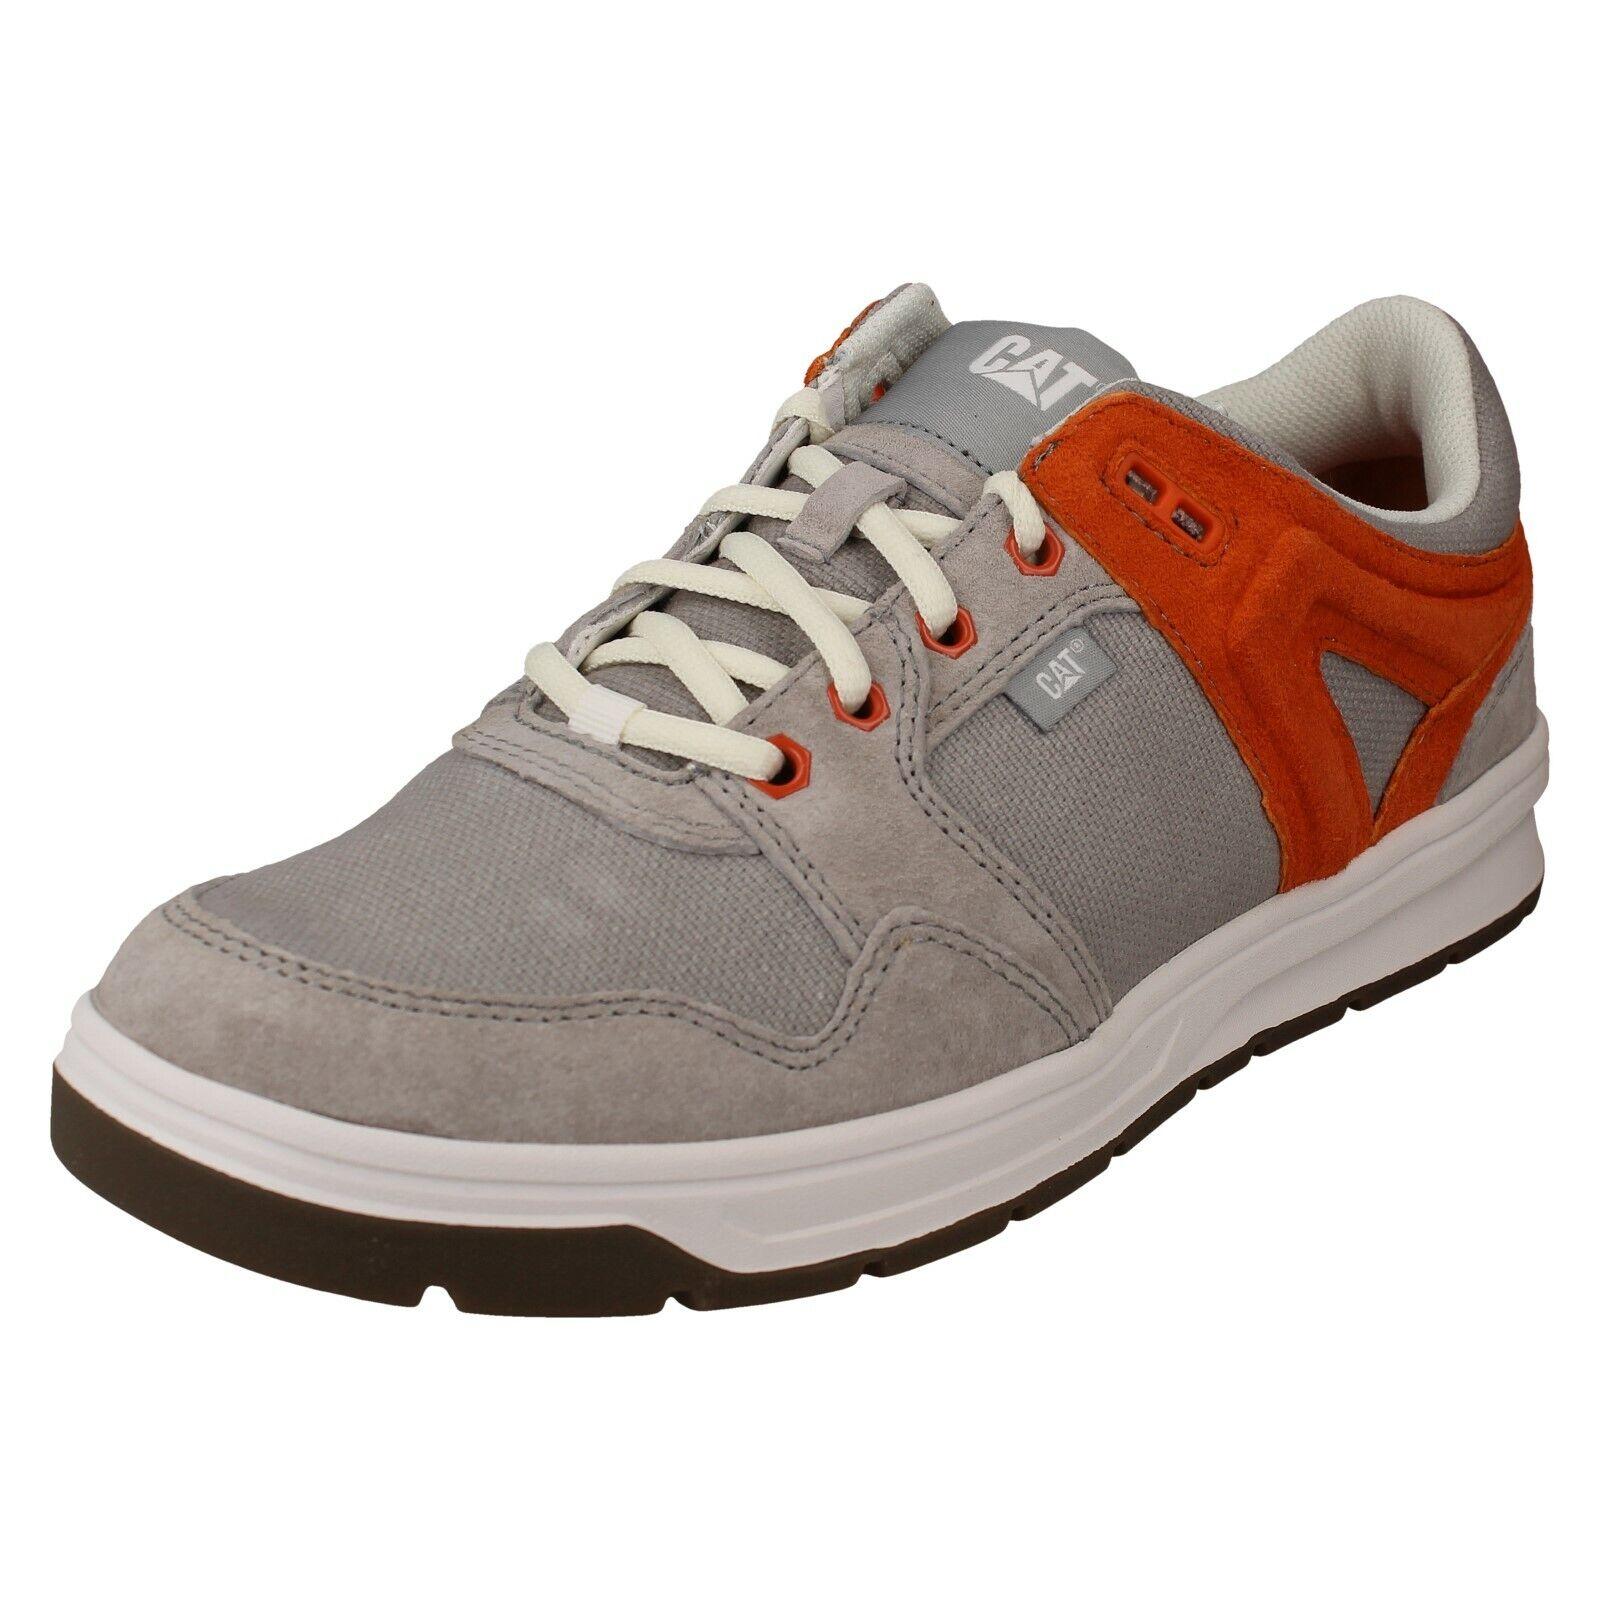 MENS CATEGORILARI EVIDENTO LEGISLAZIONE SU CASUALI TUTTI I  GIORNI I I TREADEMI scarpe P7753  alla moda